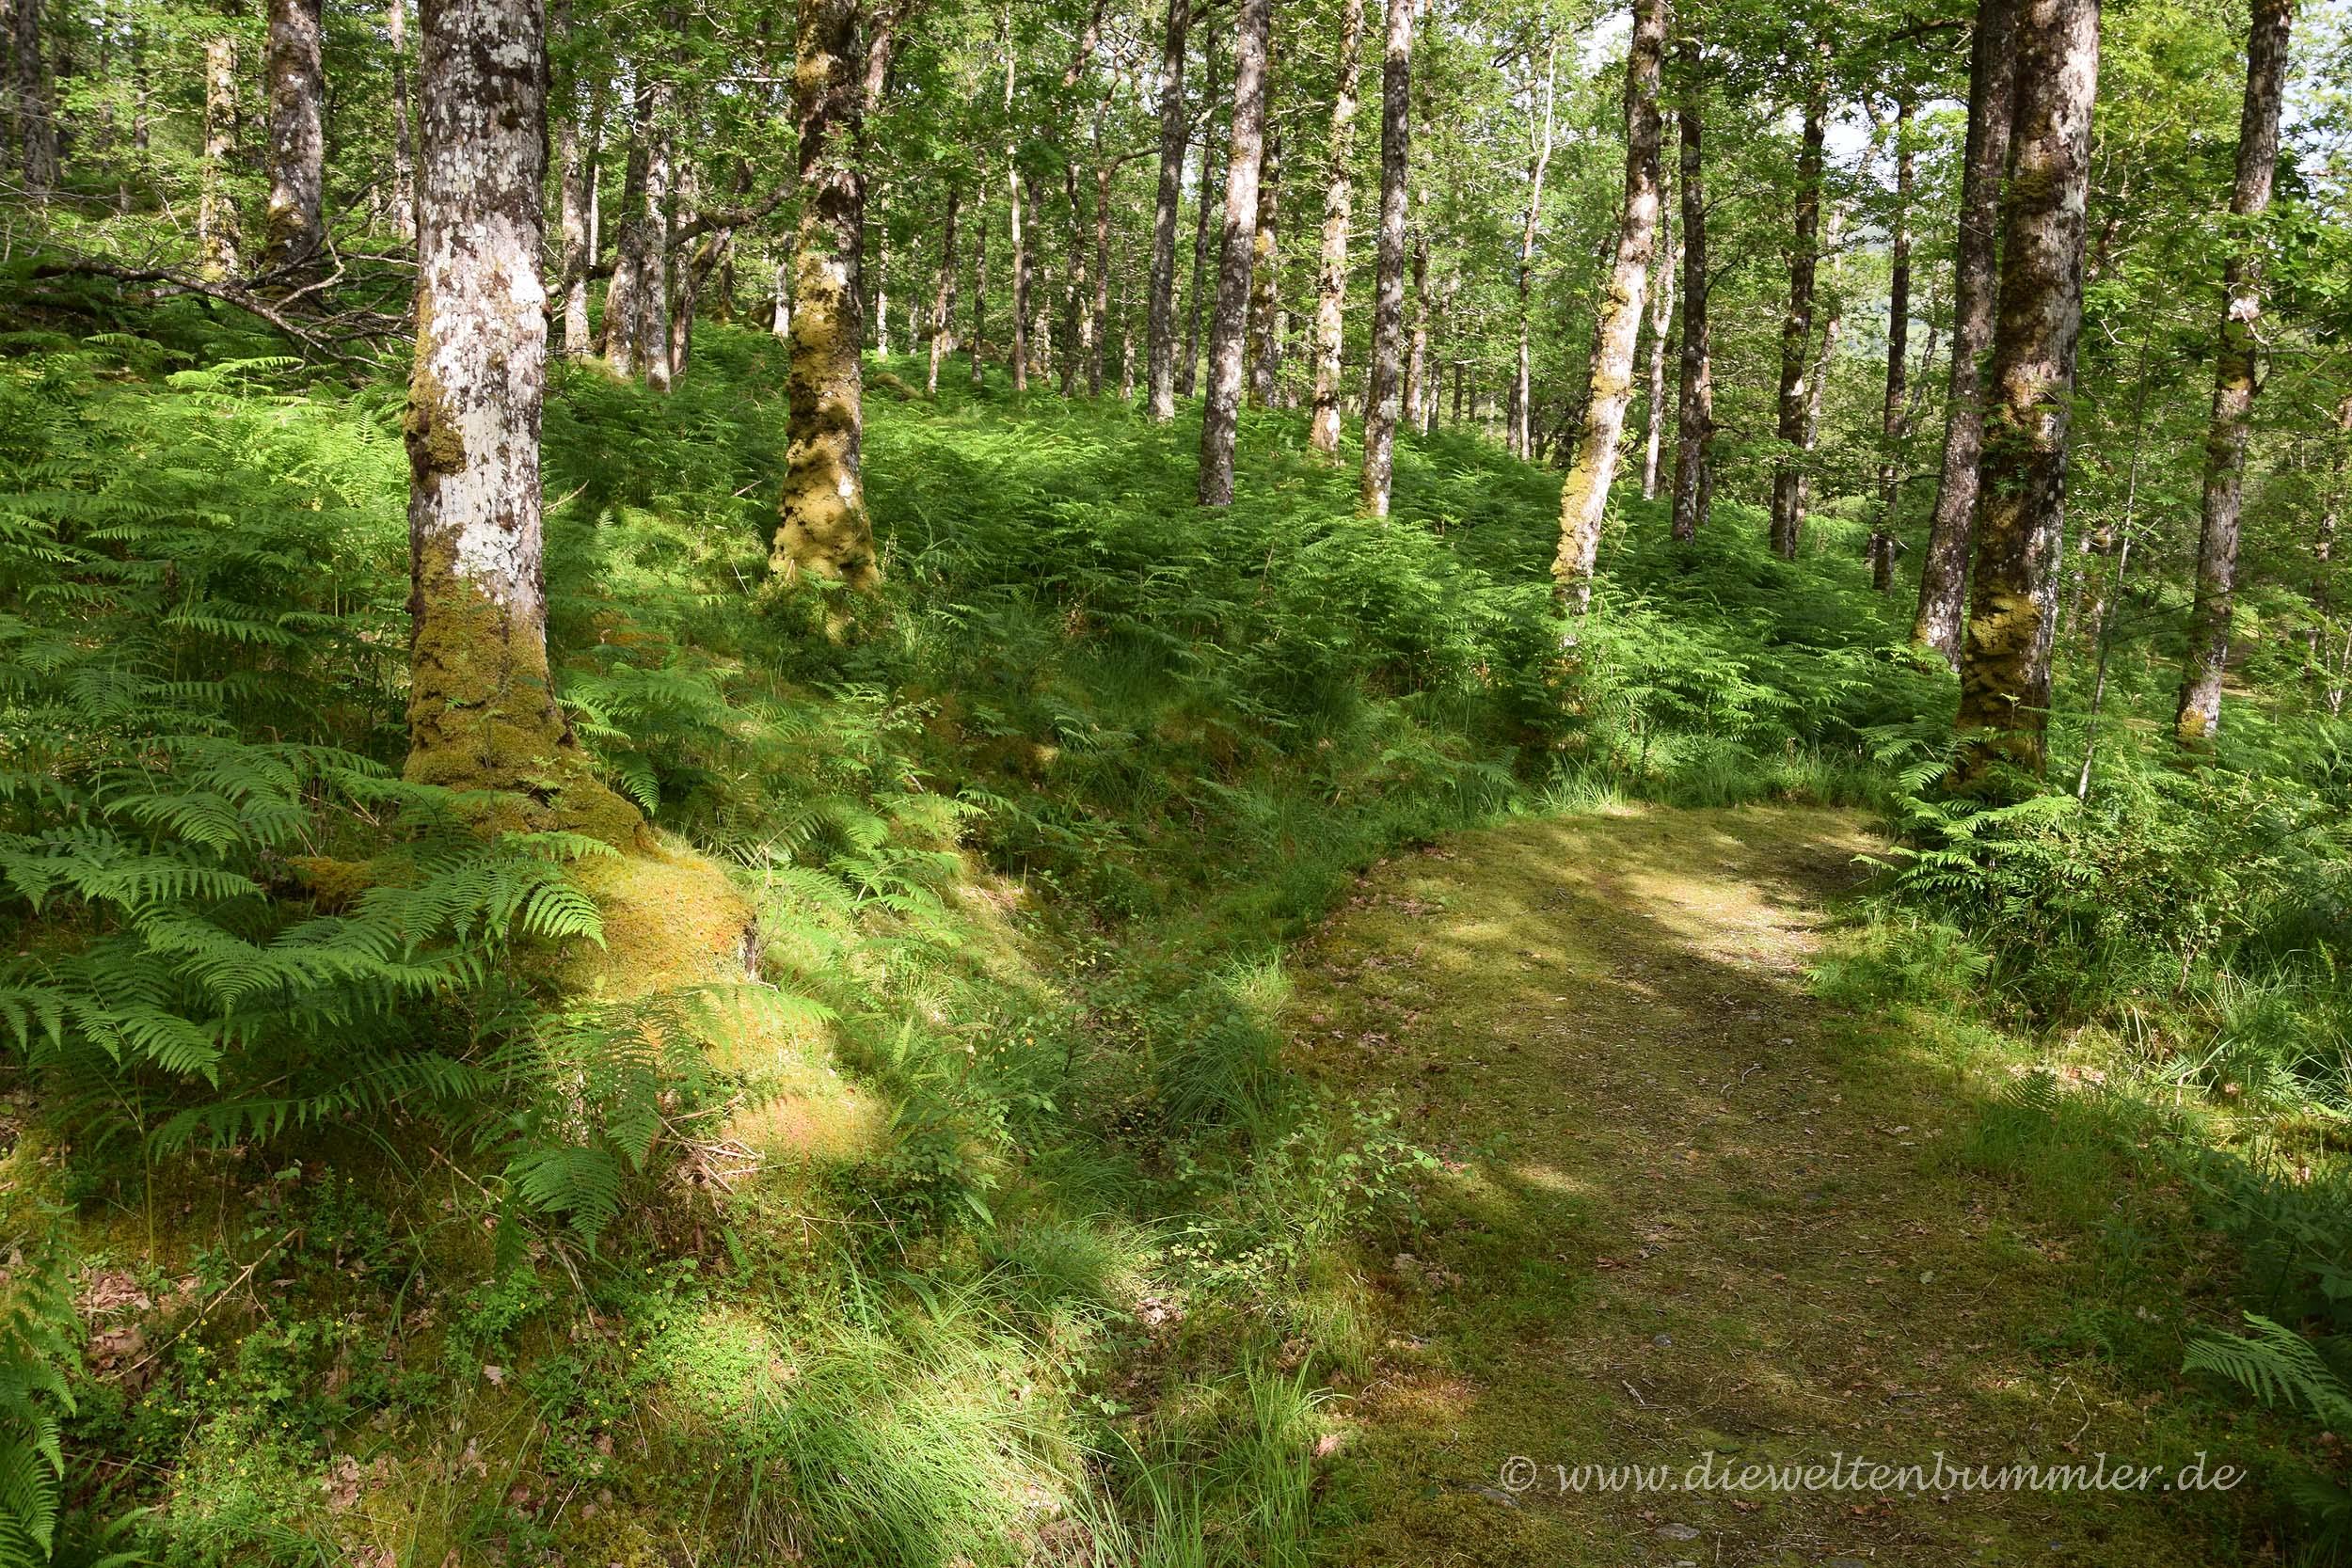 Wanderweg im schottischen Wald